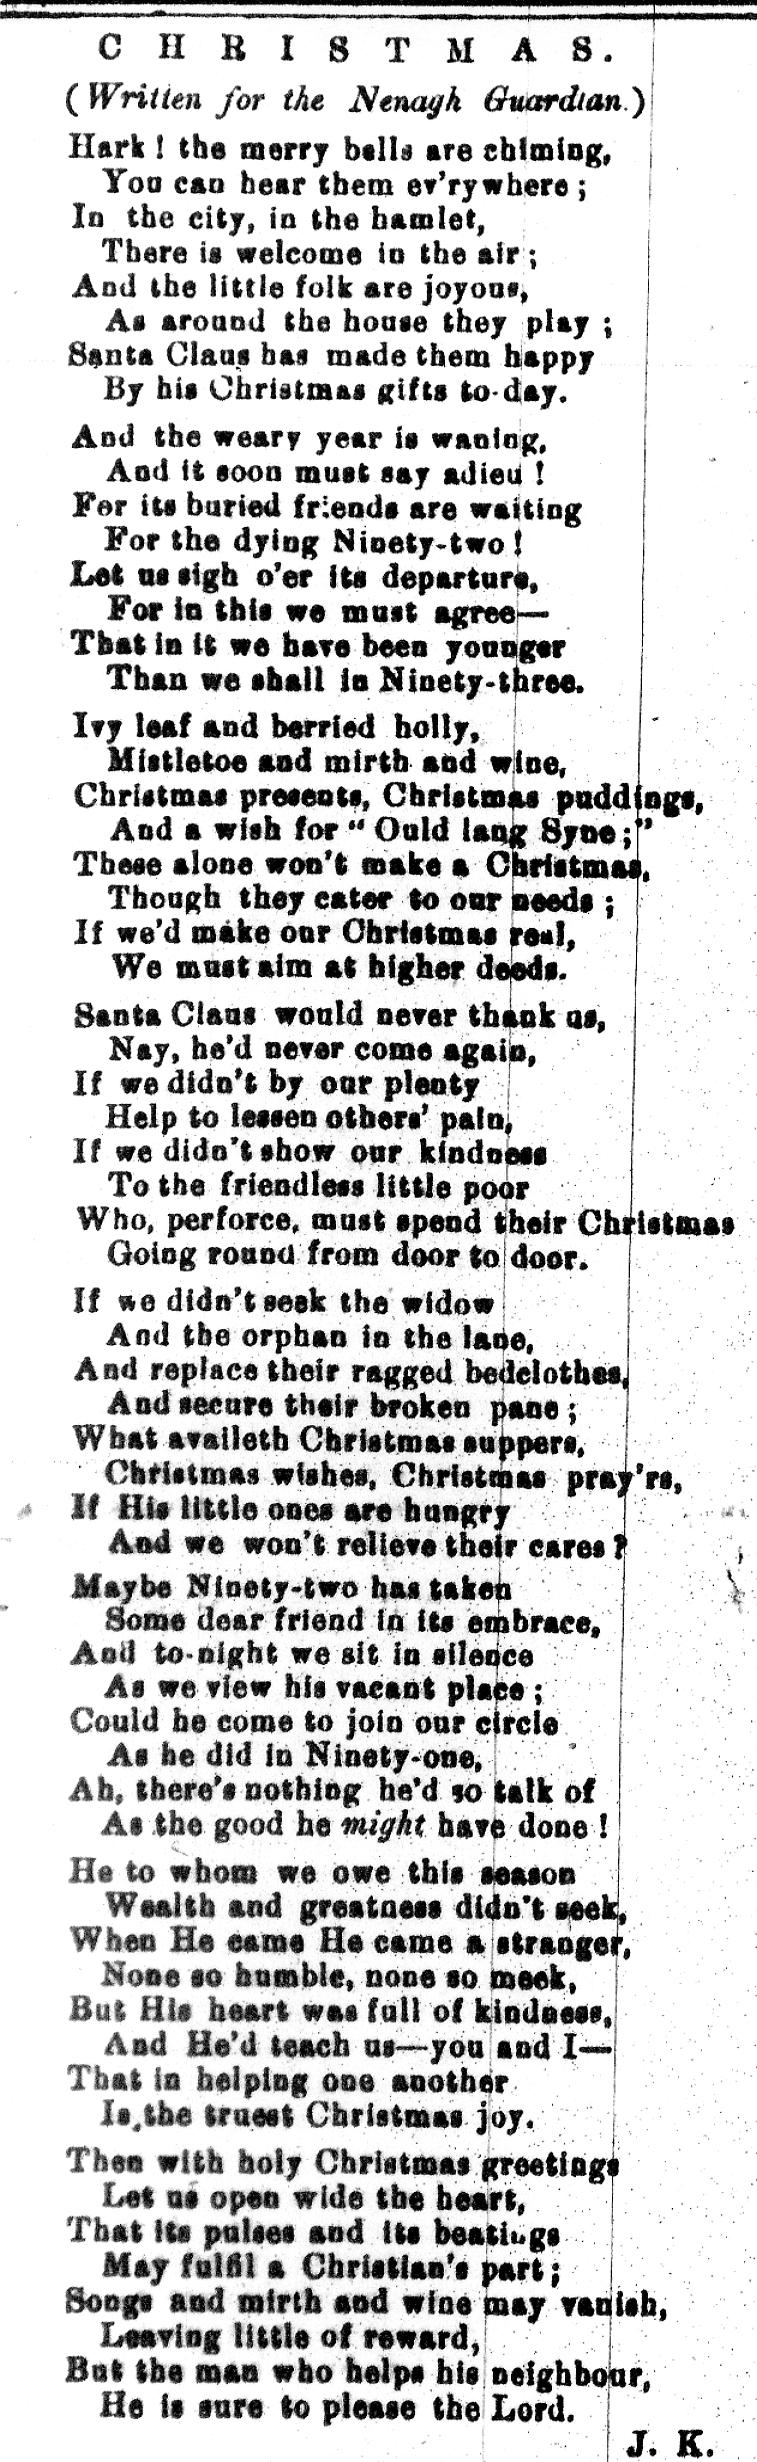 NG 24 Dec 1892